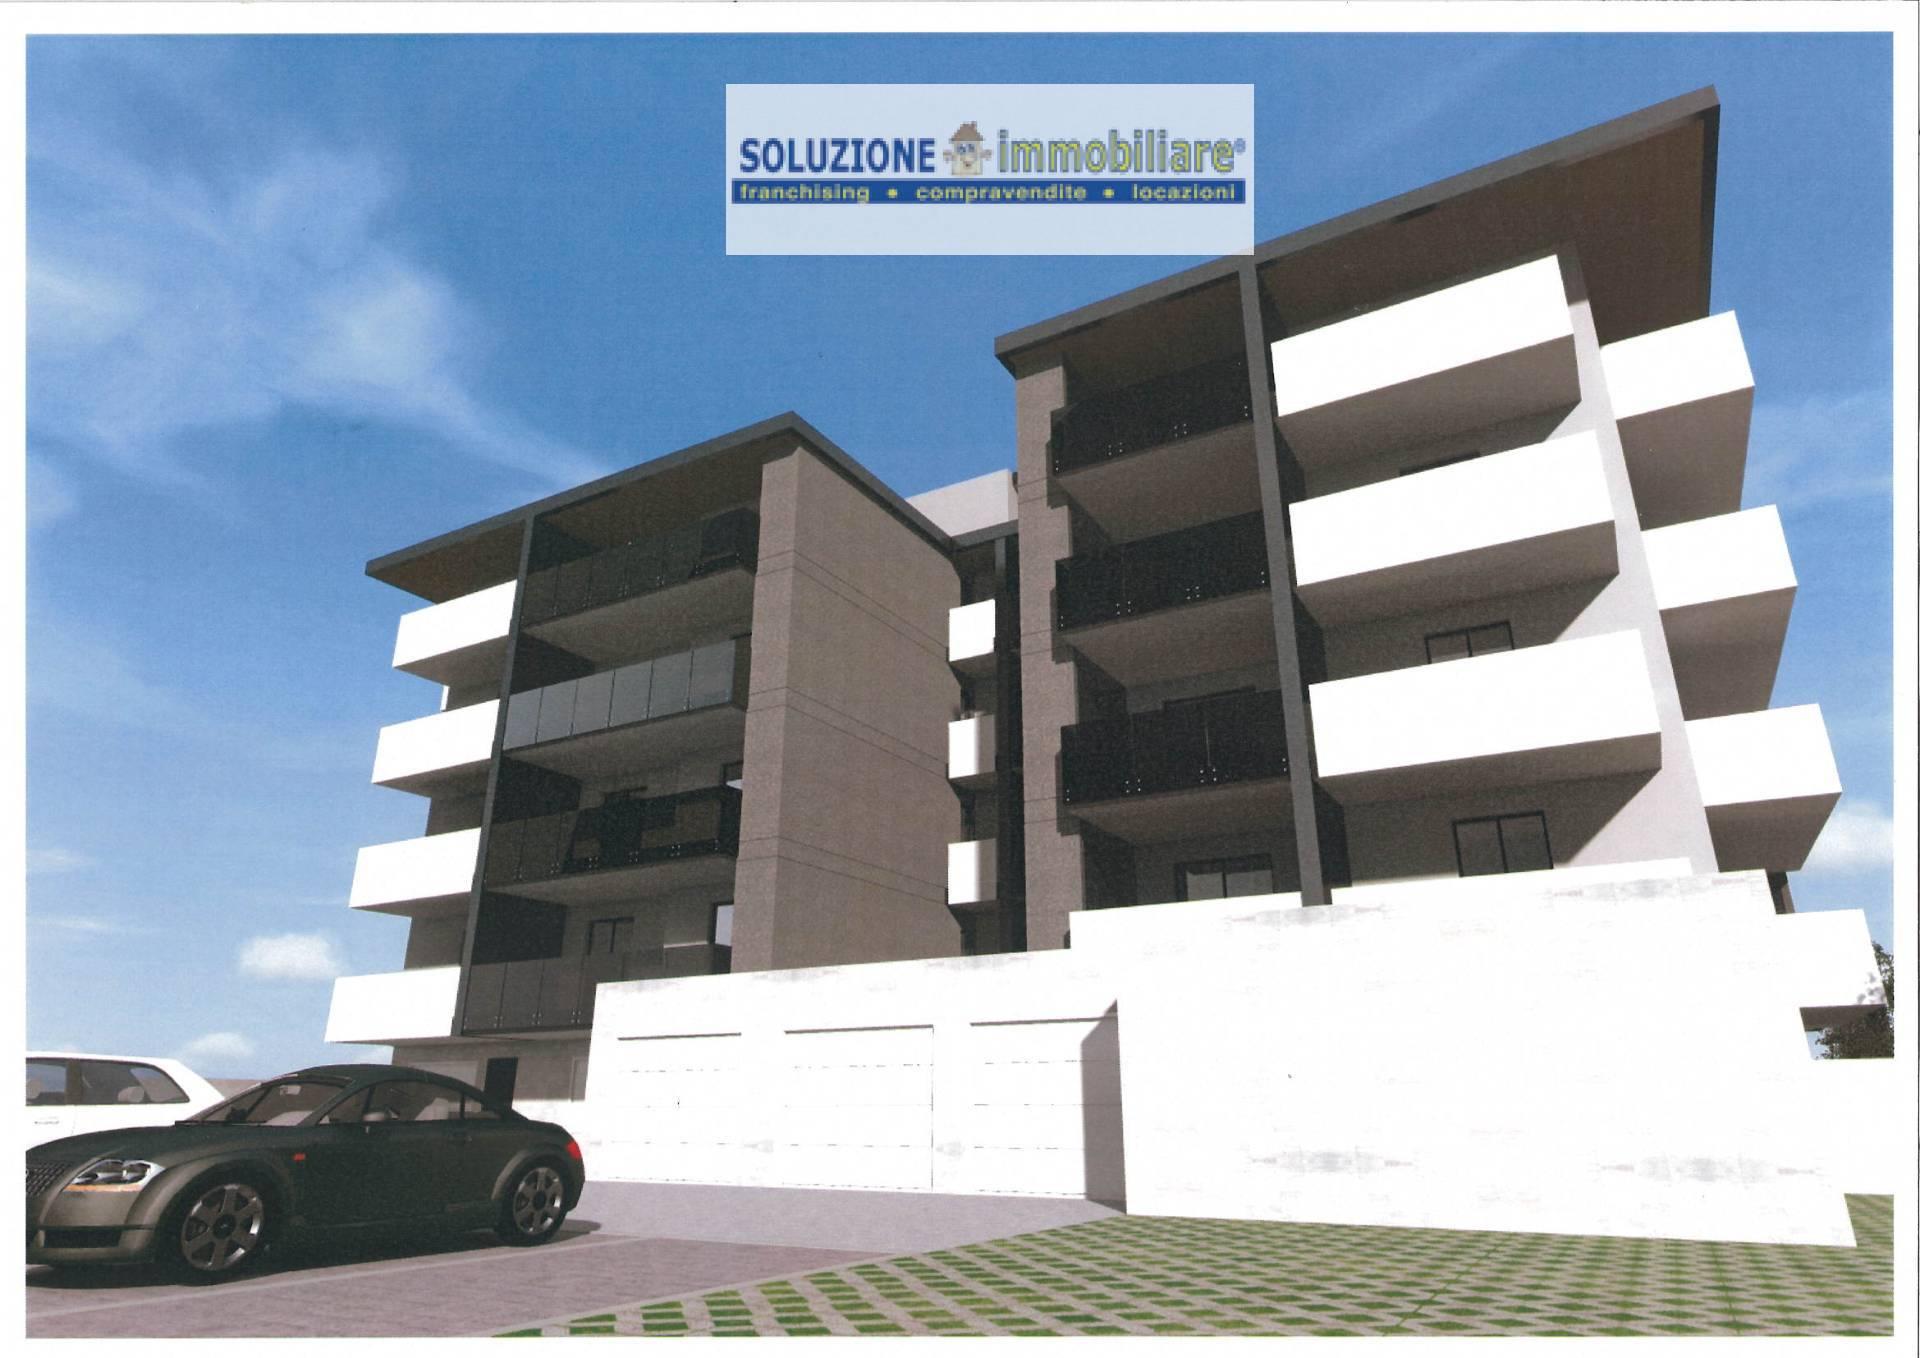 chieti vendita quart: zona universitaria soluzione-immobiliare-s.r.l.